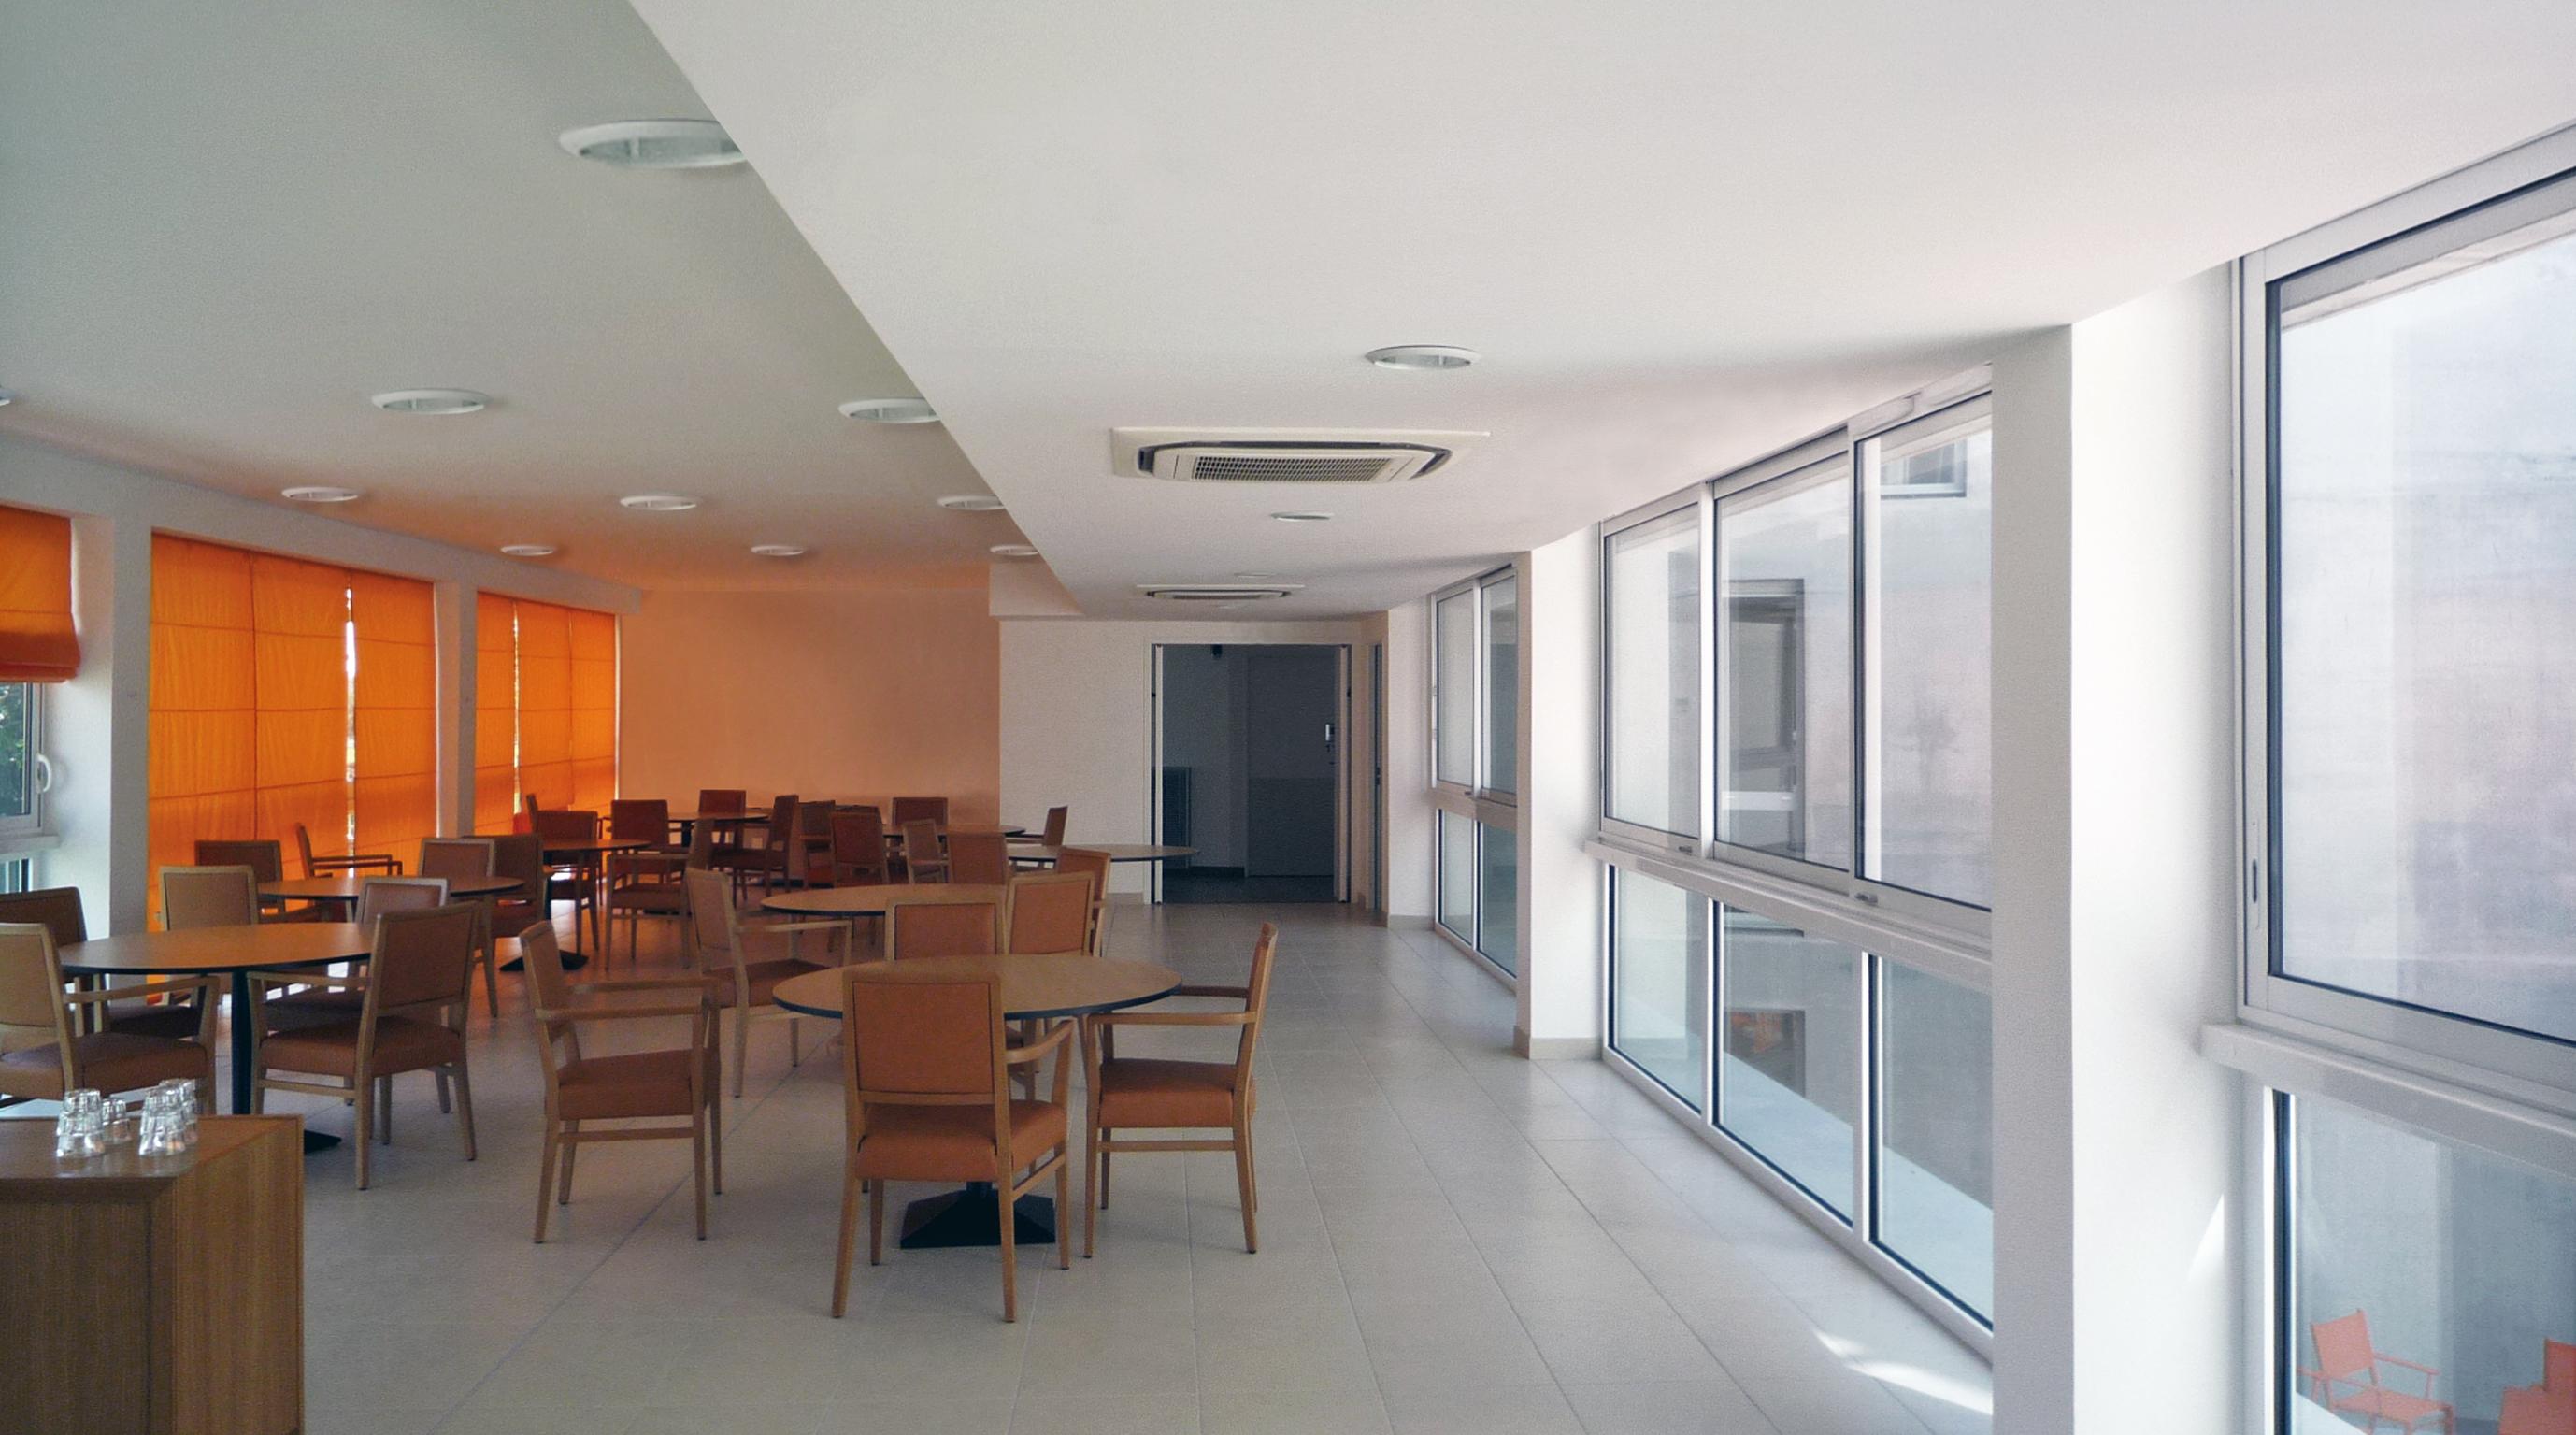 Idea 657410: Retirement Home Maisons-Laffitte by Thomas Vajda architectes